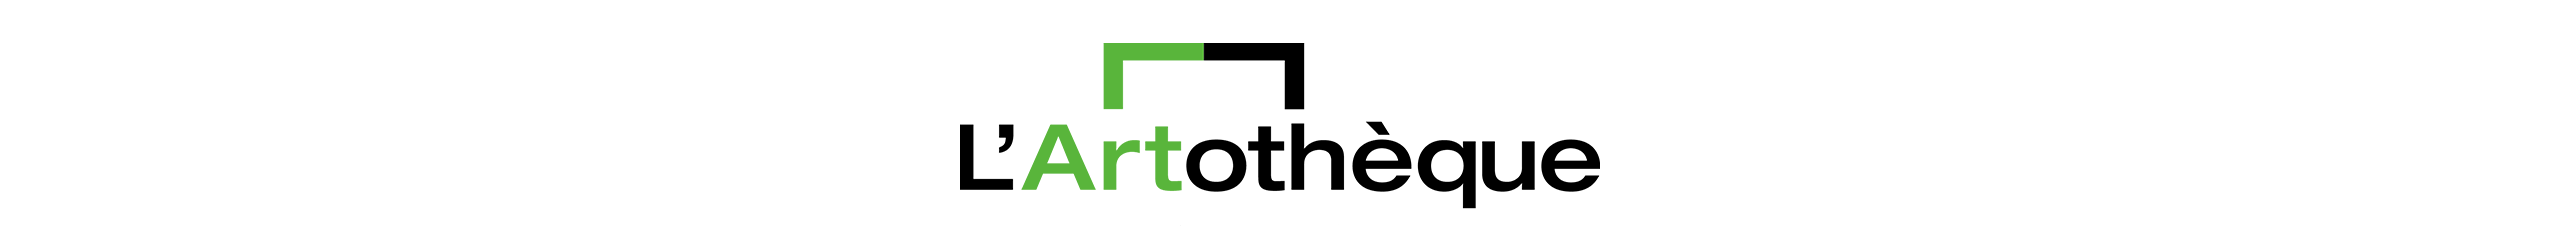 L'Artothèque Logo